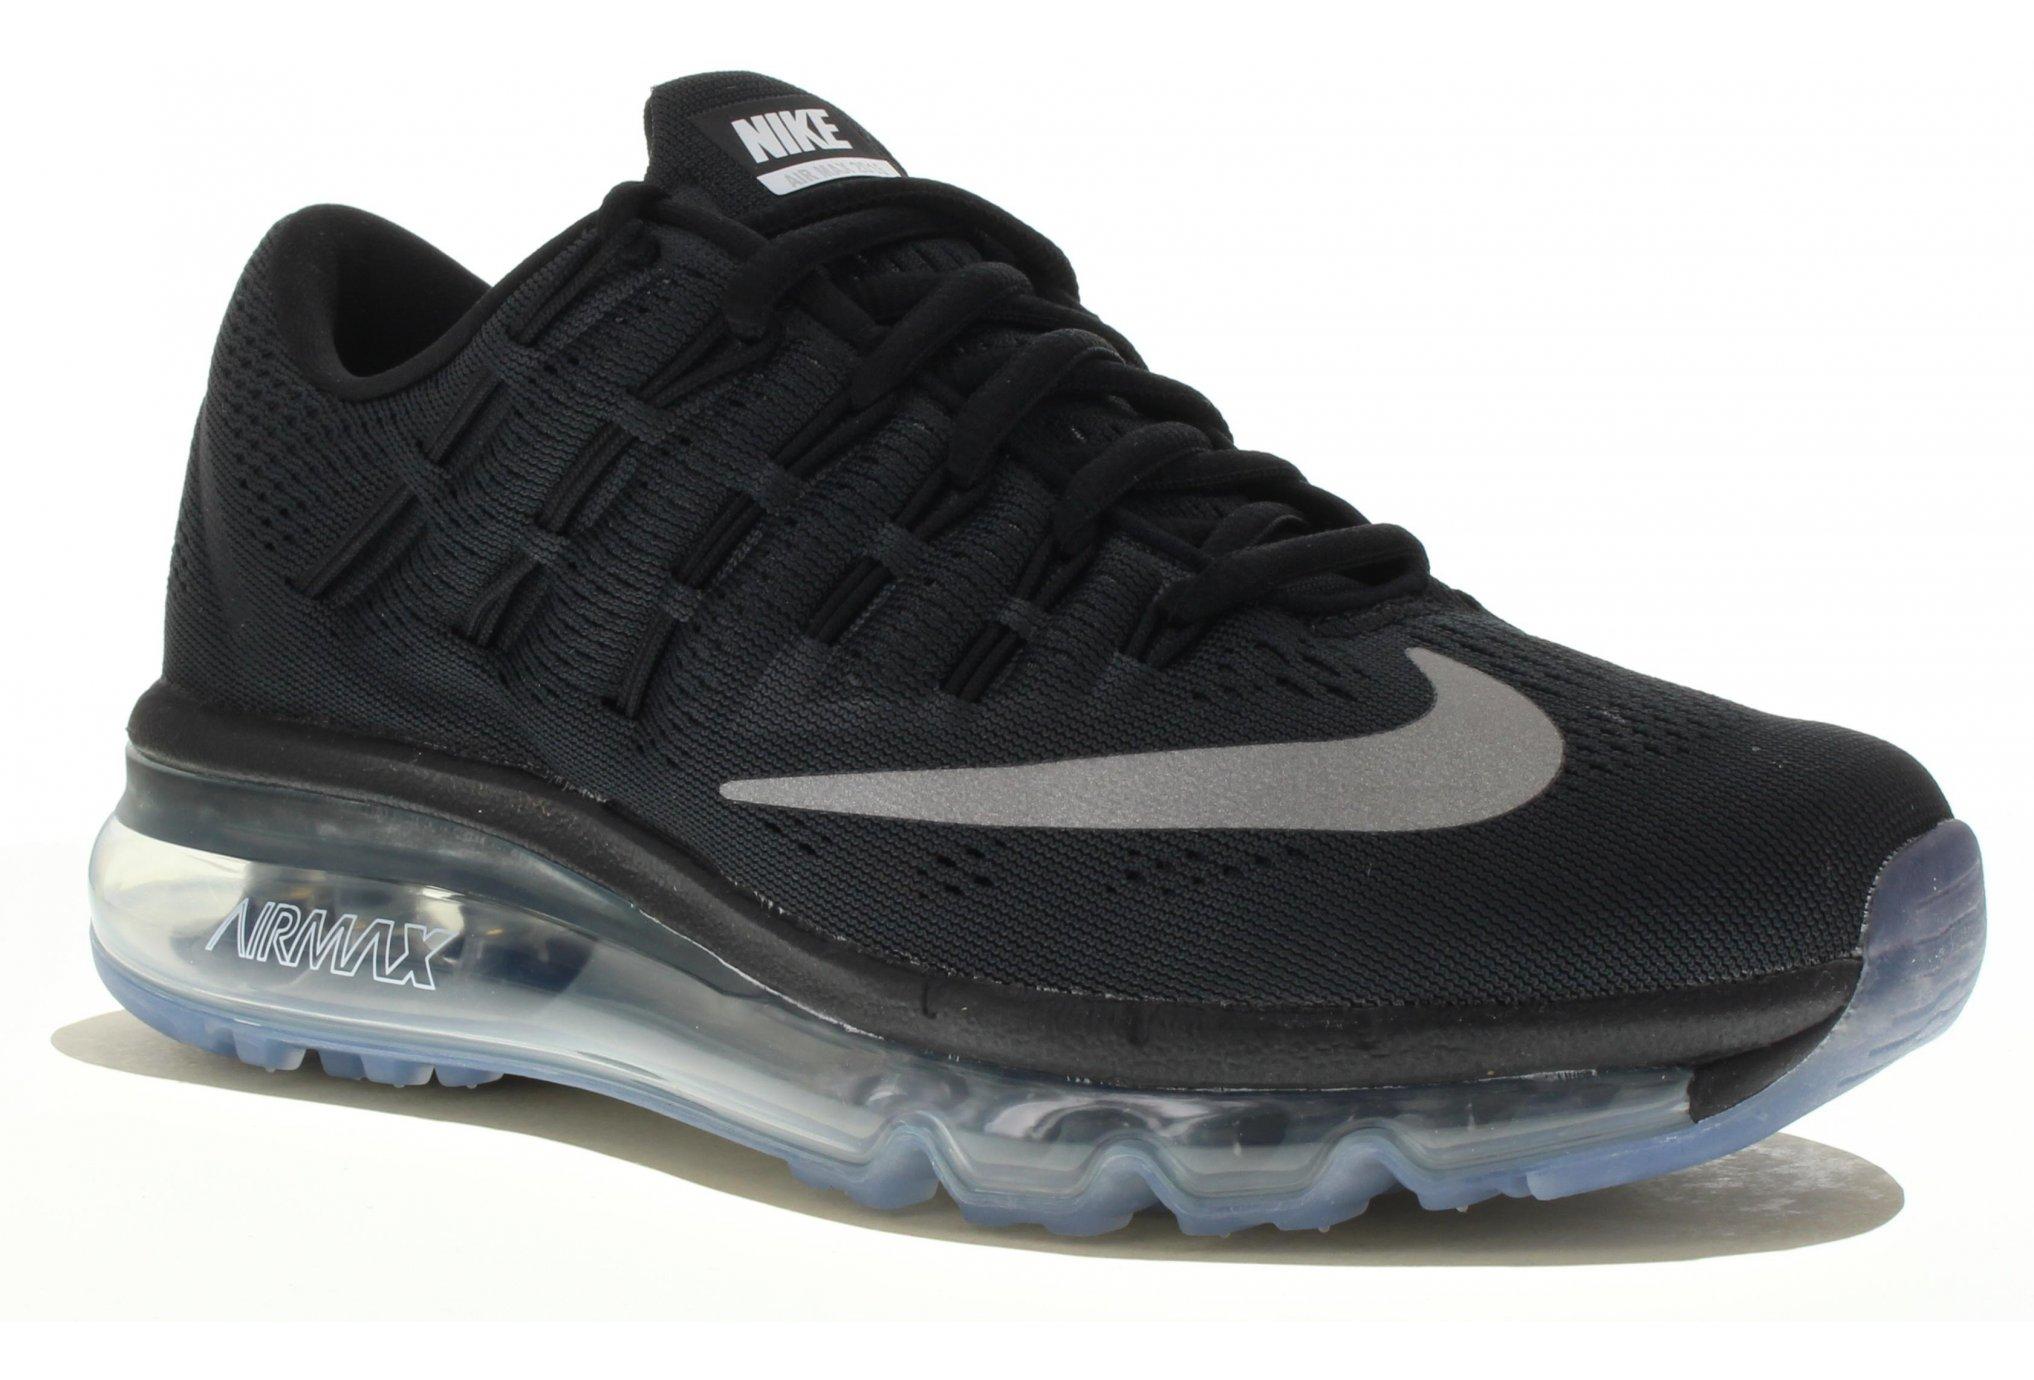 Nike Air Max 2016 GS pas cher - Chaussures homme Nike running Air Max 2016 GS en promo